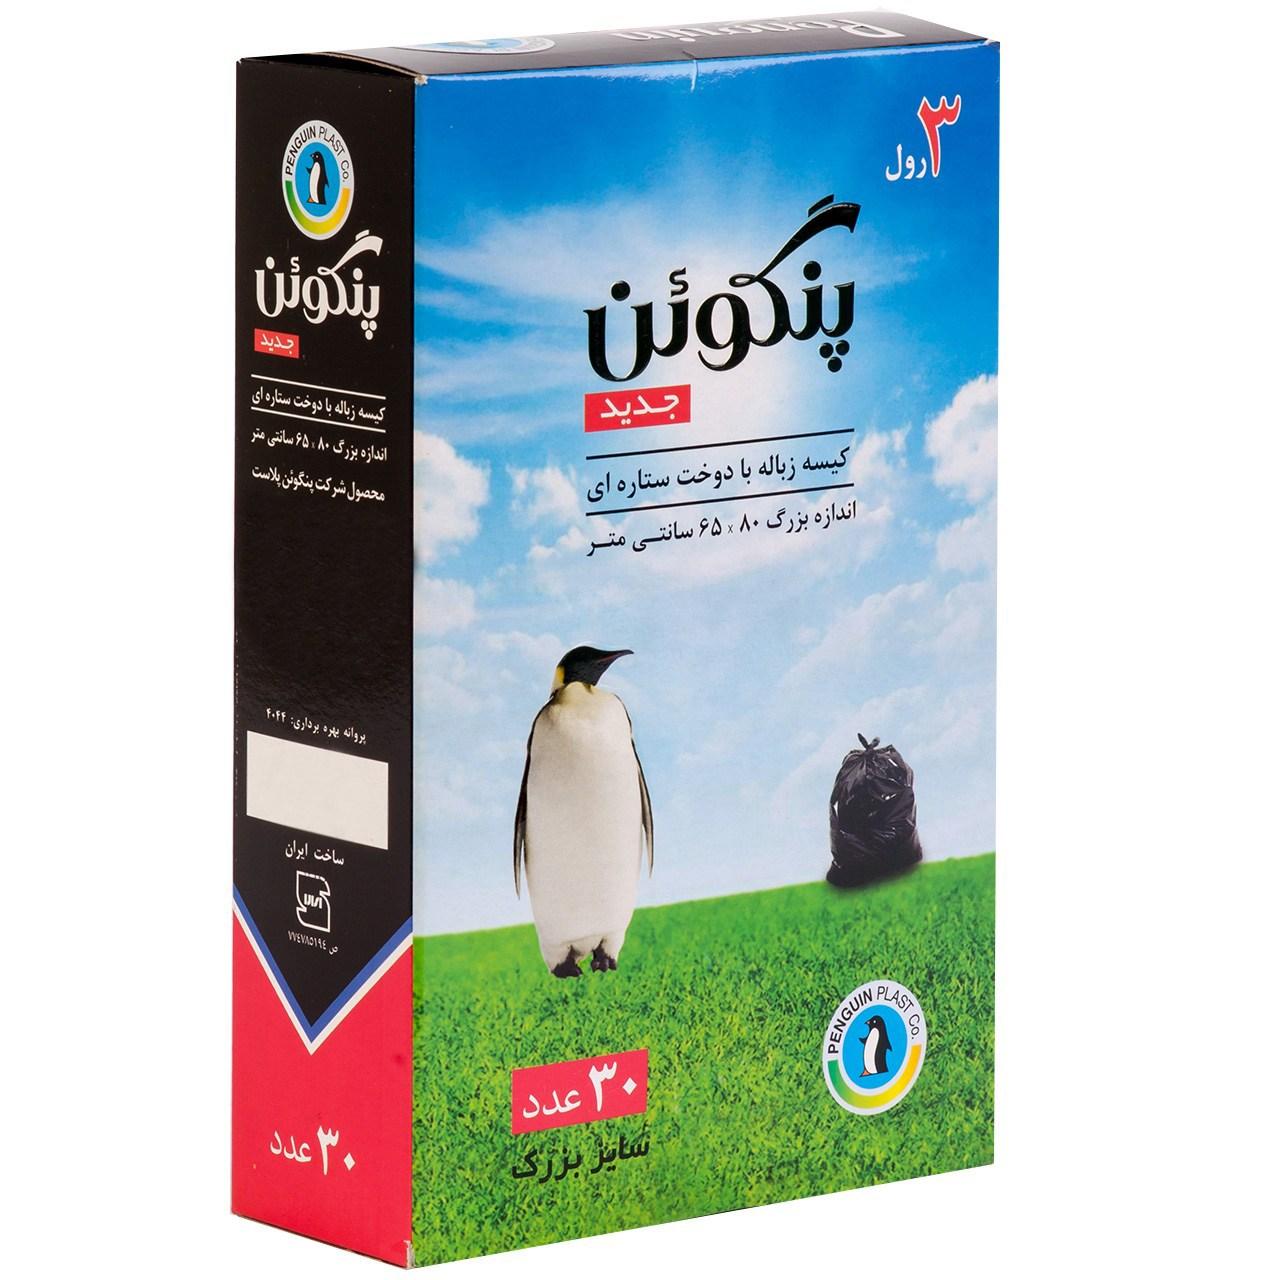 عکس کیسه زباله پنگوئن رول 30 عددی